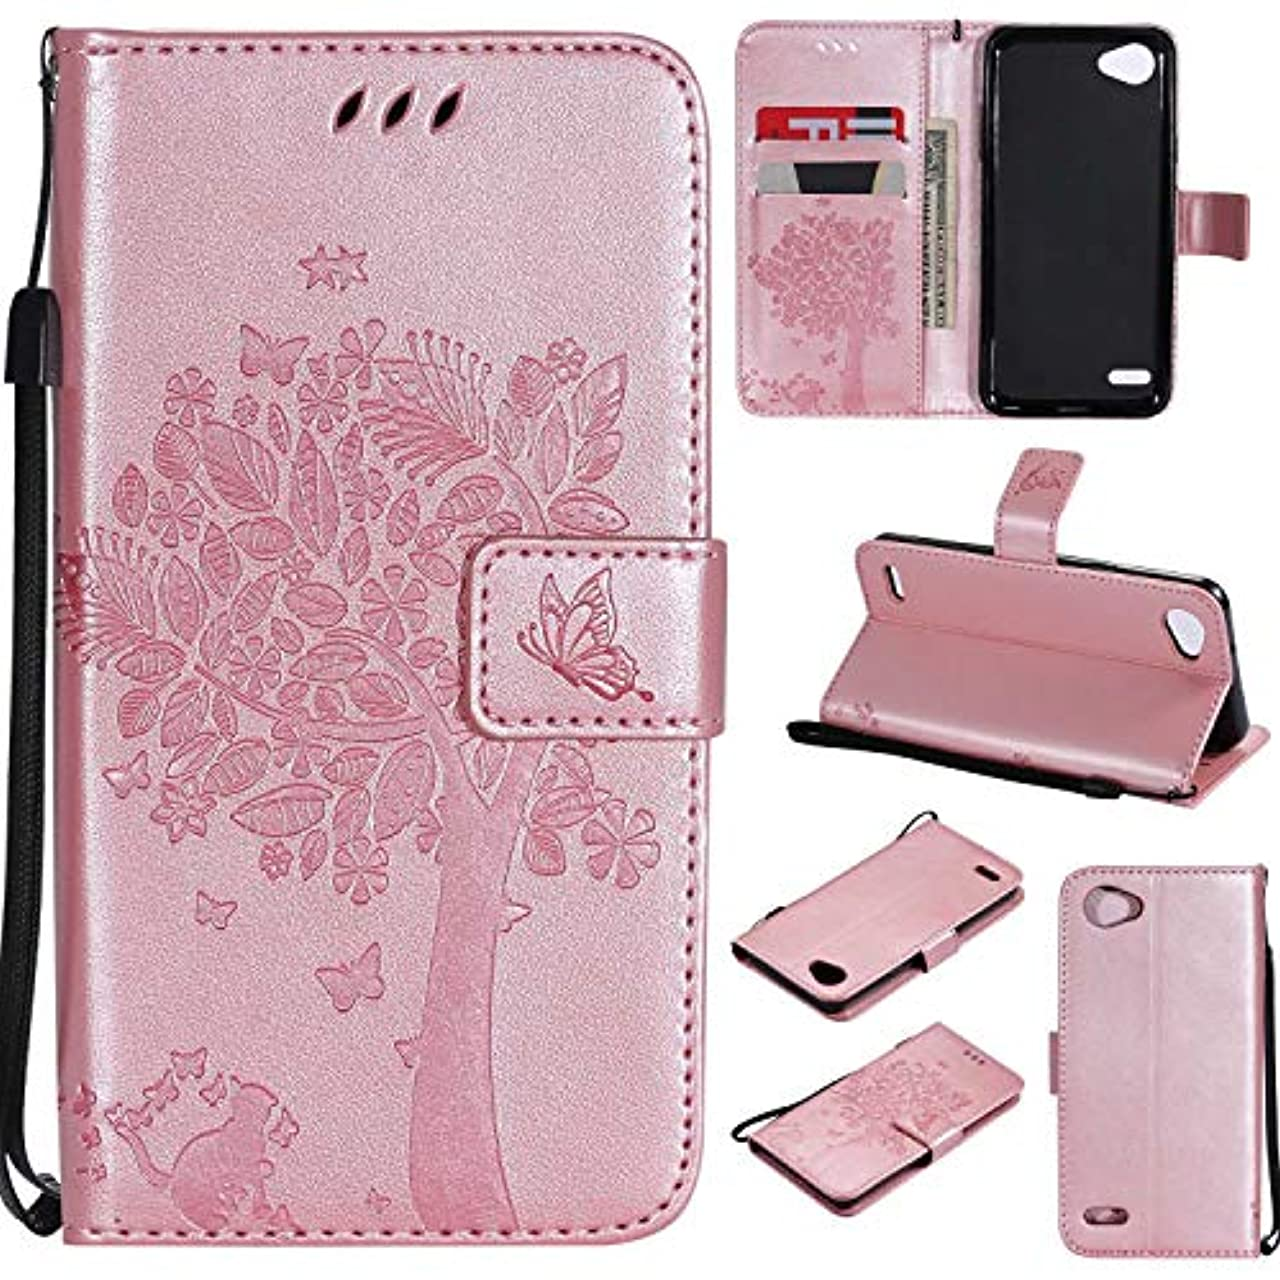 蜜消化器バドミントンOMATENTI LG Q6 ケース 手帳型ケース ウォレット型 カード収納 ストラップ付き 高級感PUレザー 押し花木柄 落下防止 財布型 カバー LG Q6 用 Case Cover, ローズゴールド